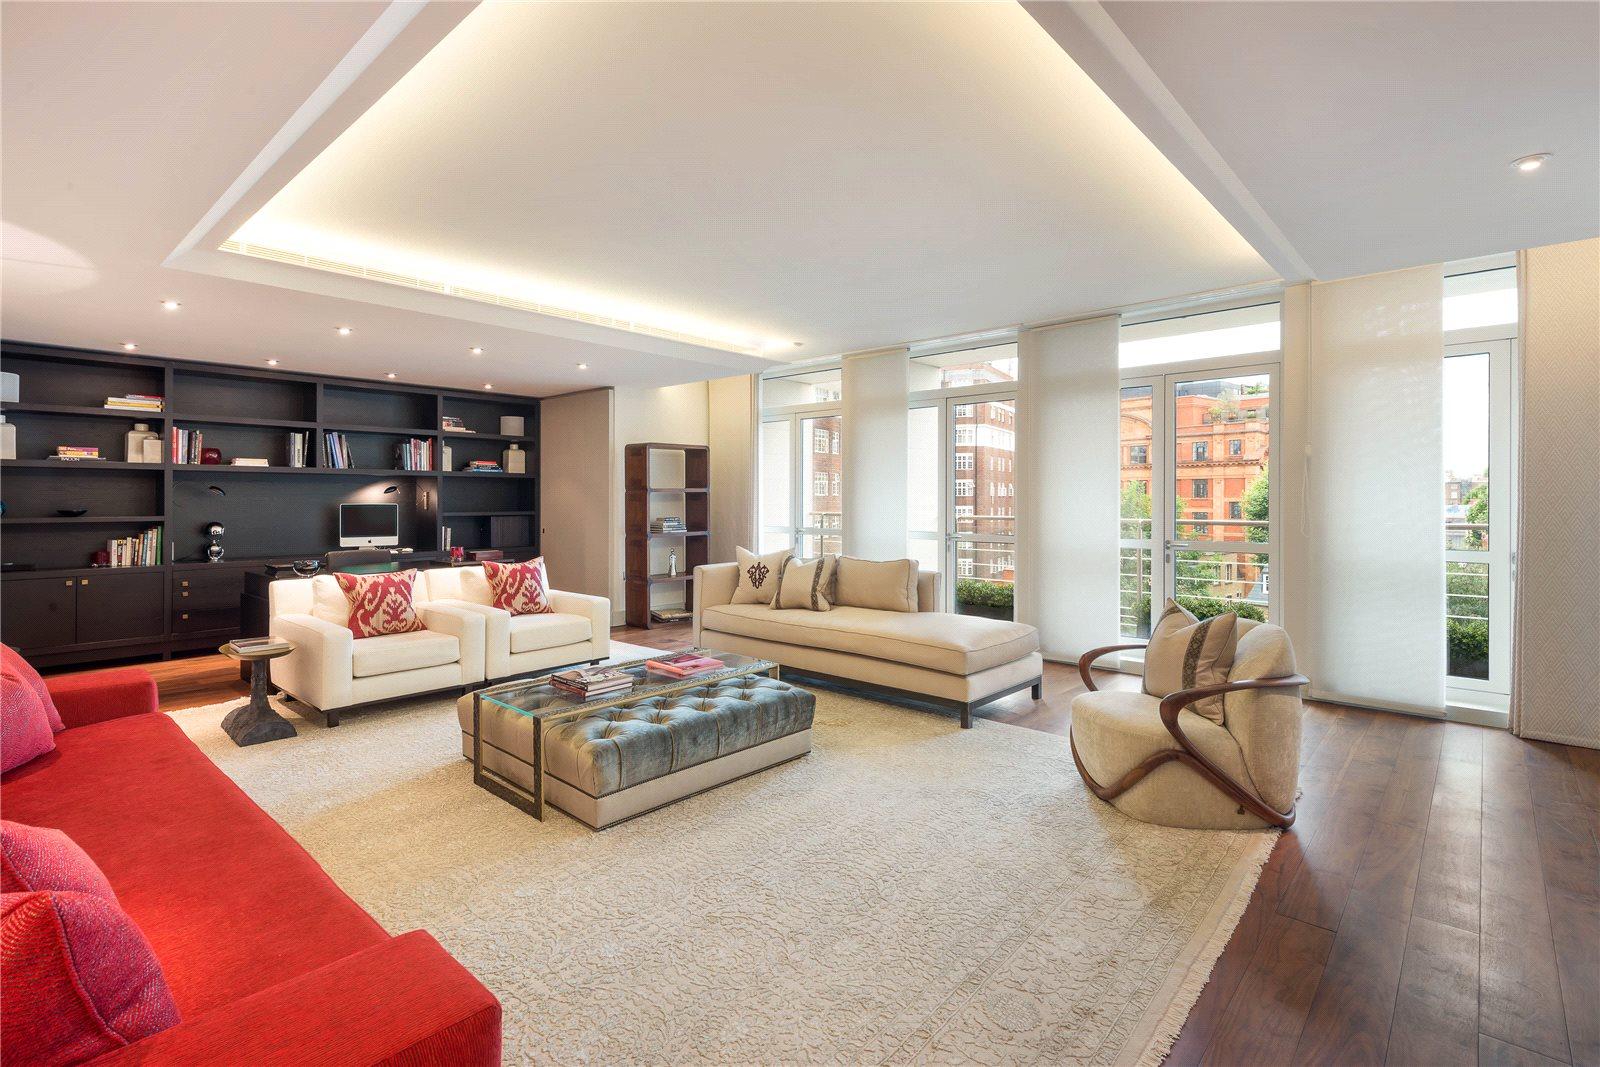 Appartements / Flats pour l Vente à Lancelot Place, London, SW7 London, Angleterre